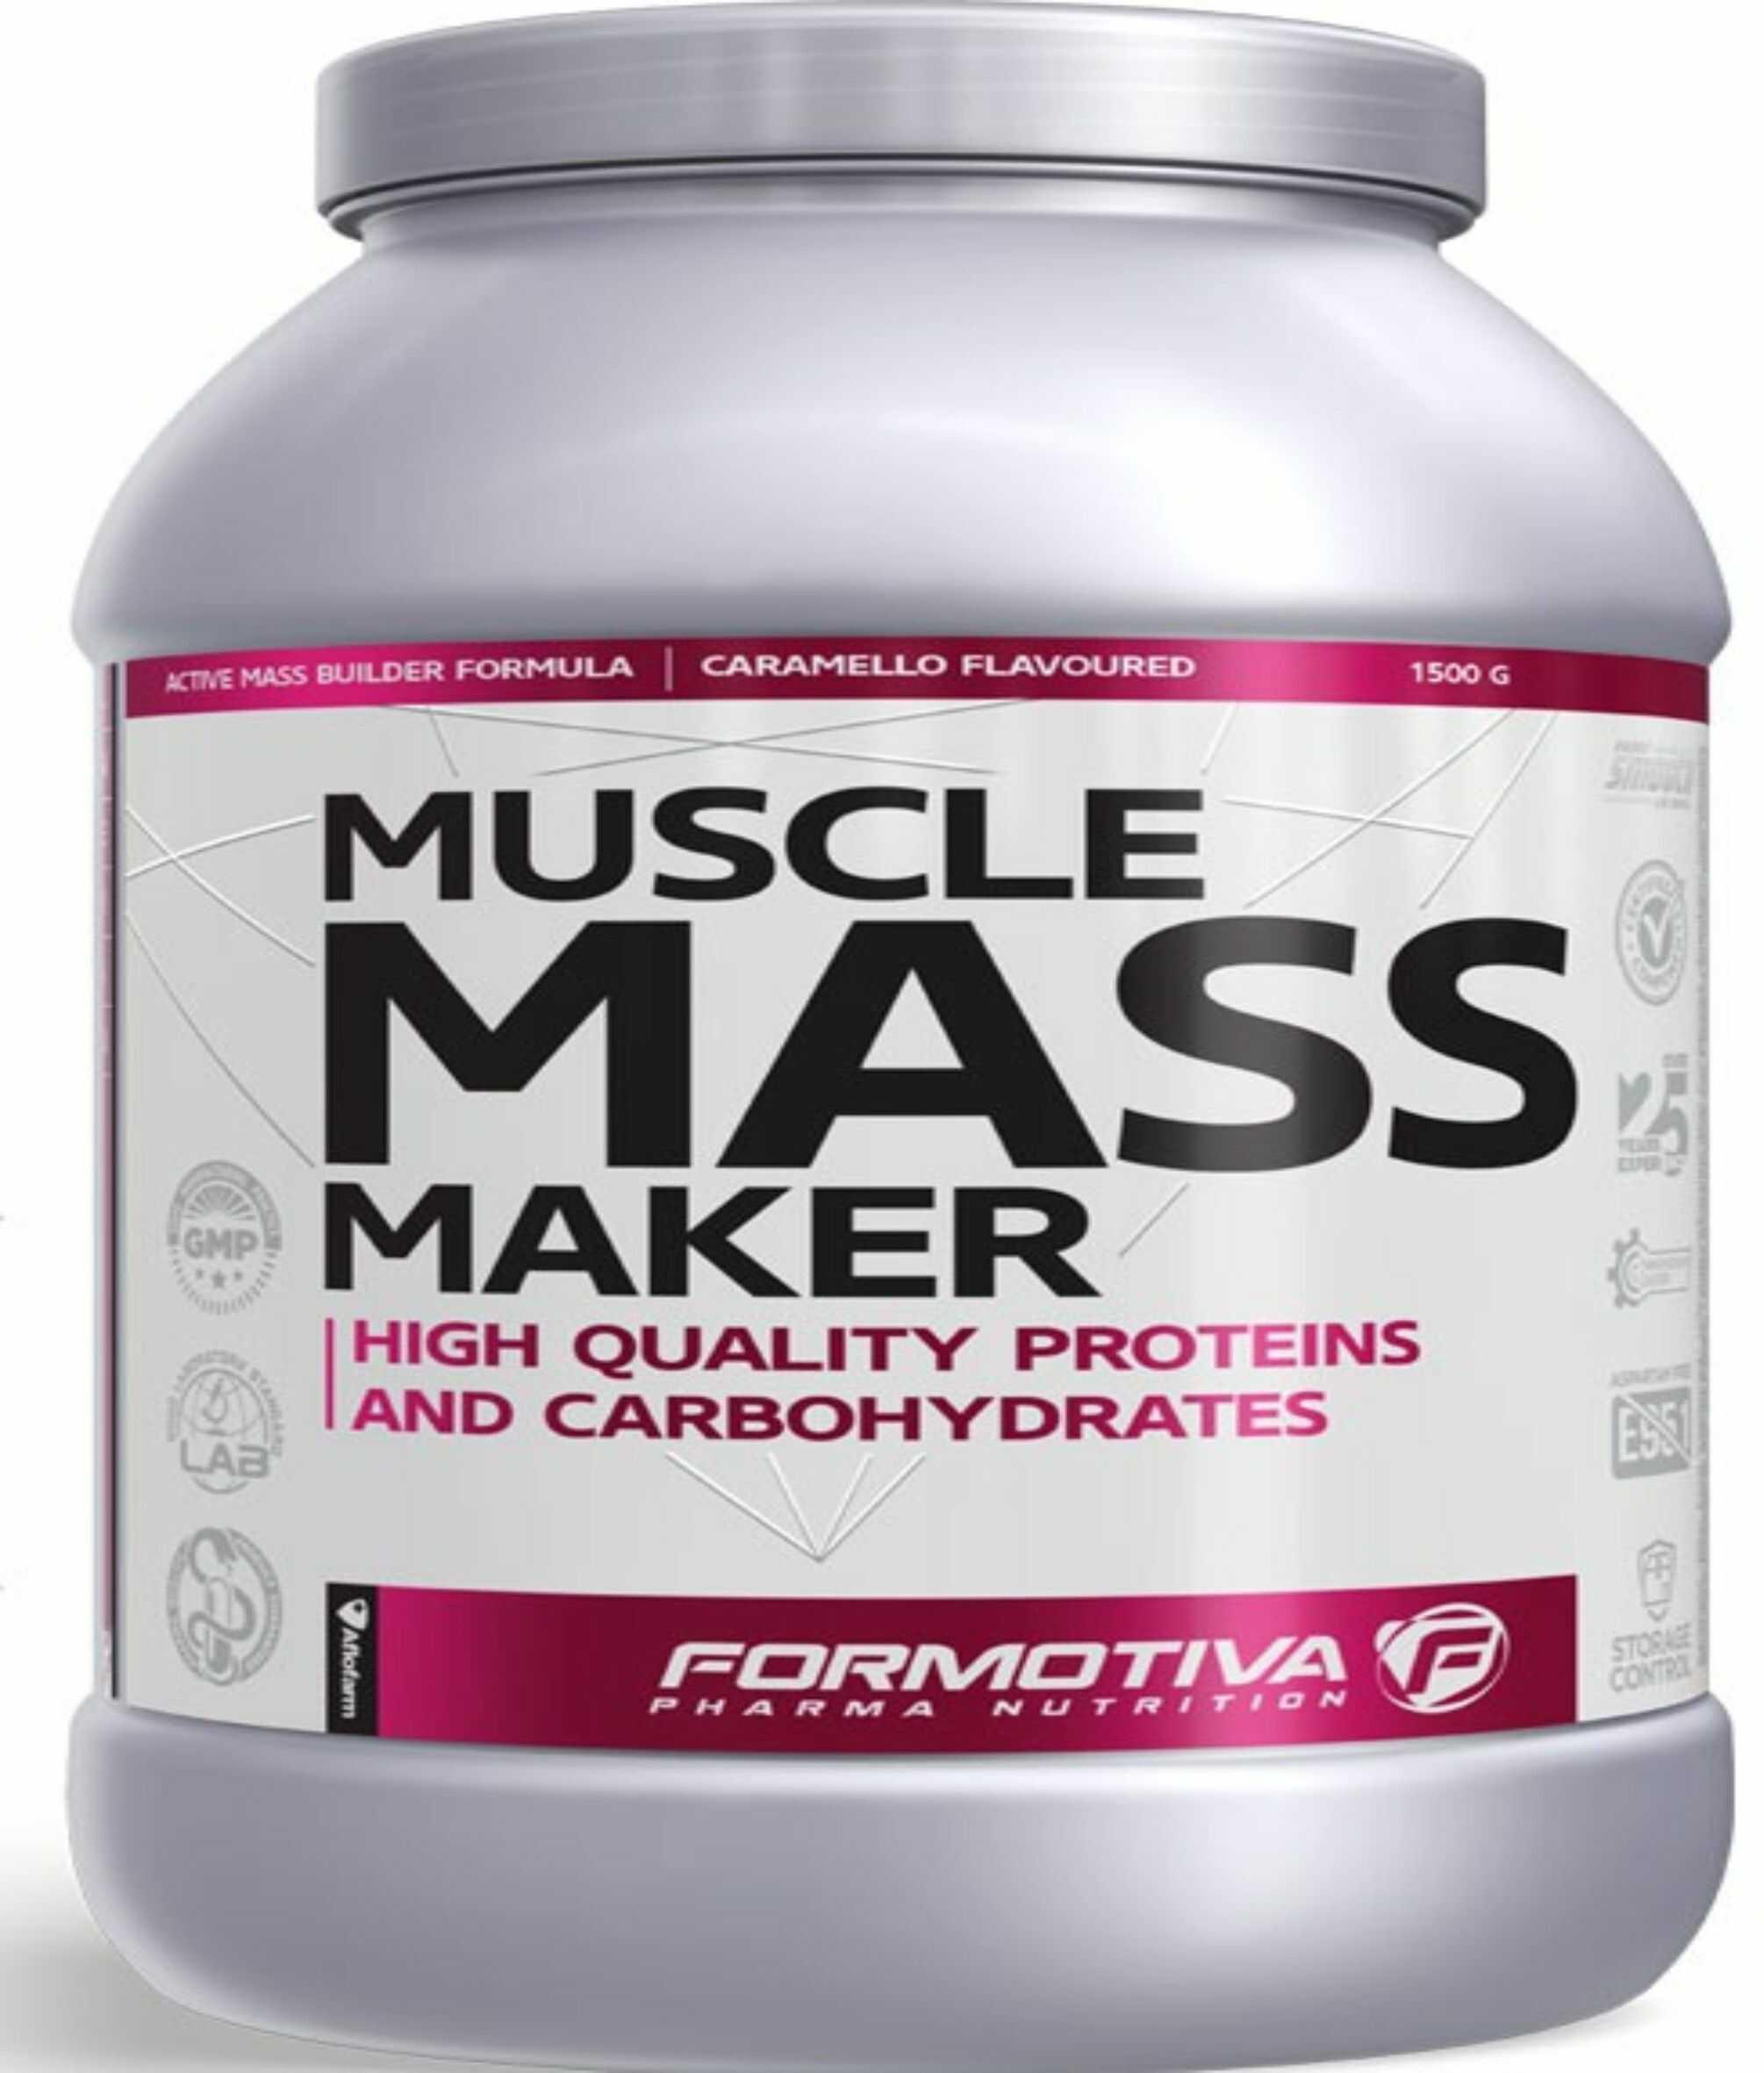 FORMOTIVA Muscle Mass Maker 1500 g truskawka TANIE ODŻYWKI , NATYCHMIASTOWA WYSYŁKA !